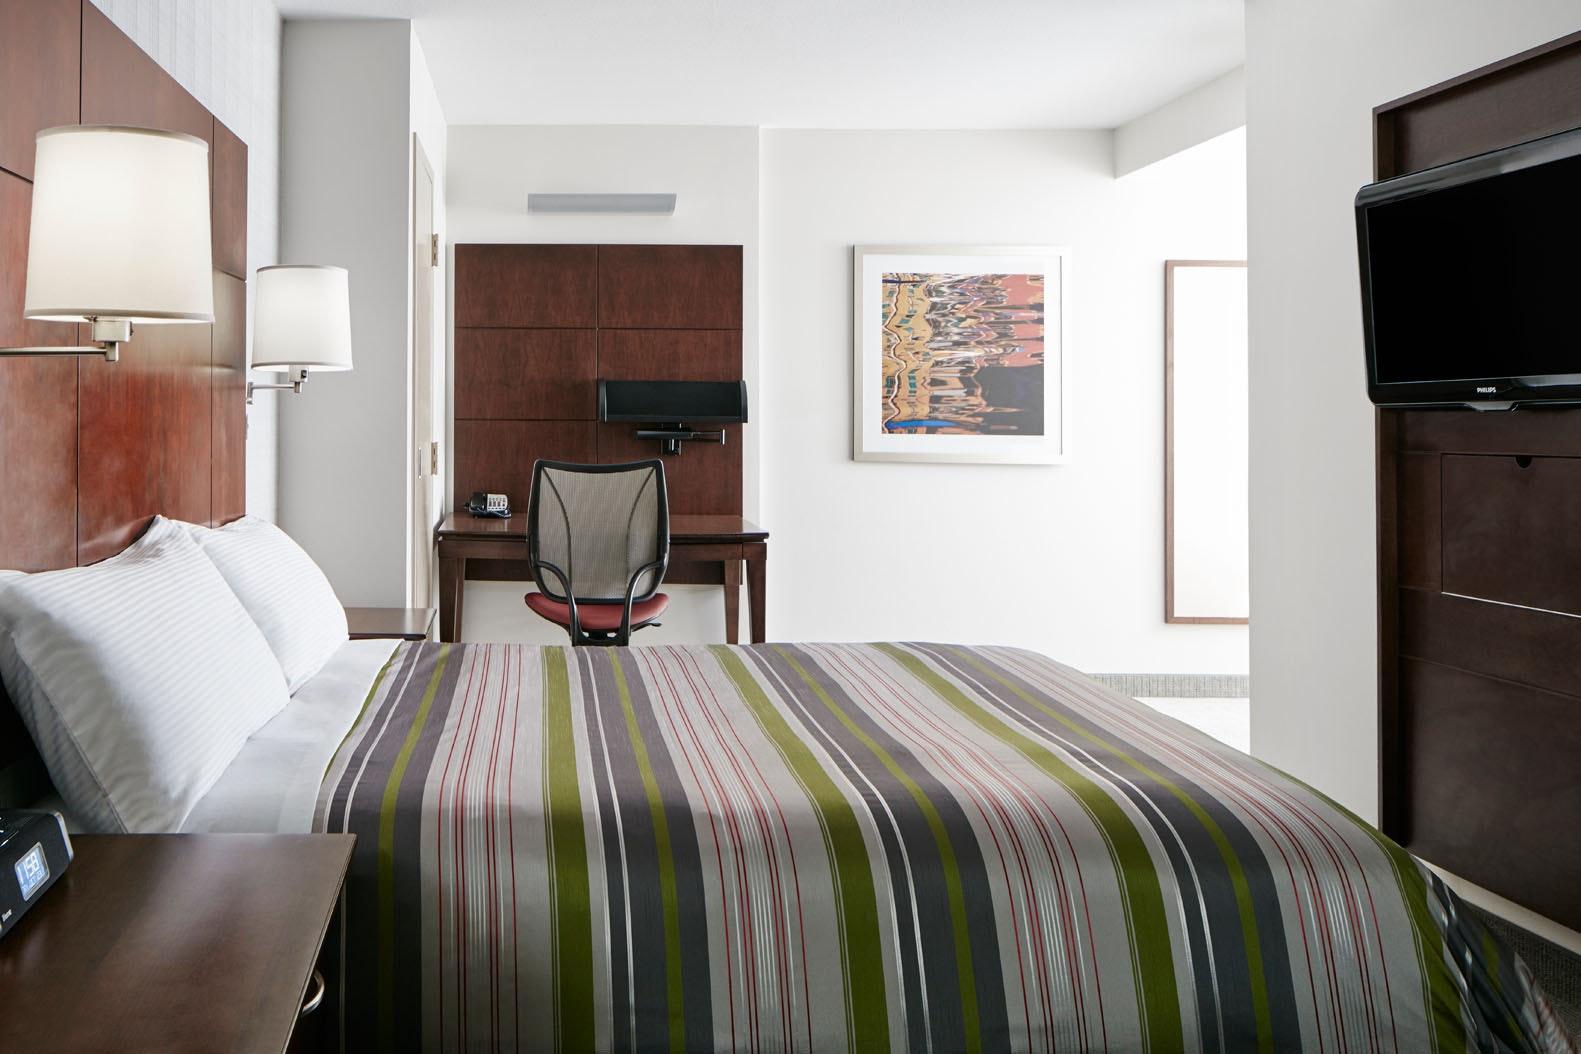 Superior Room Club Quarters Hotel in San